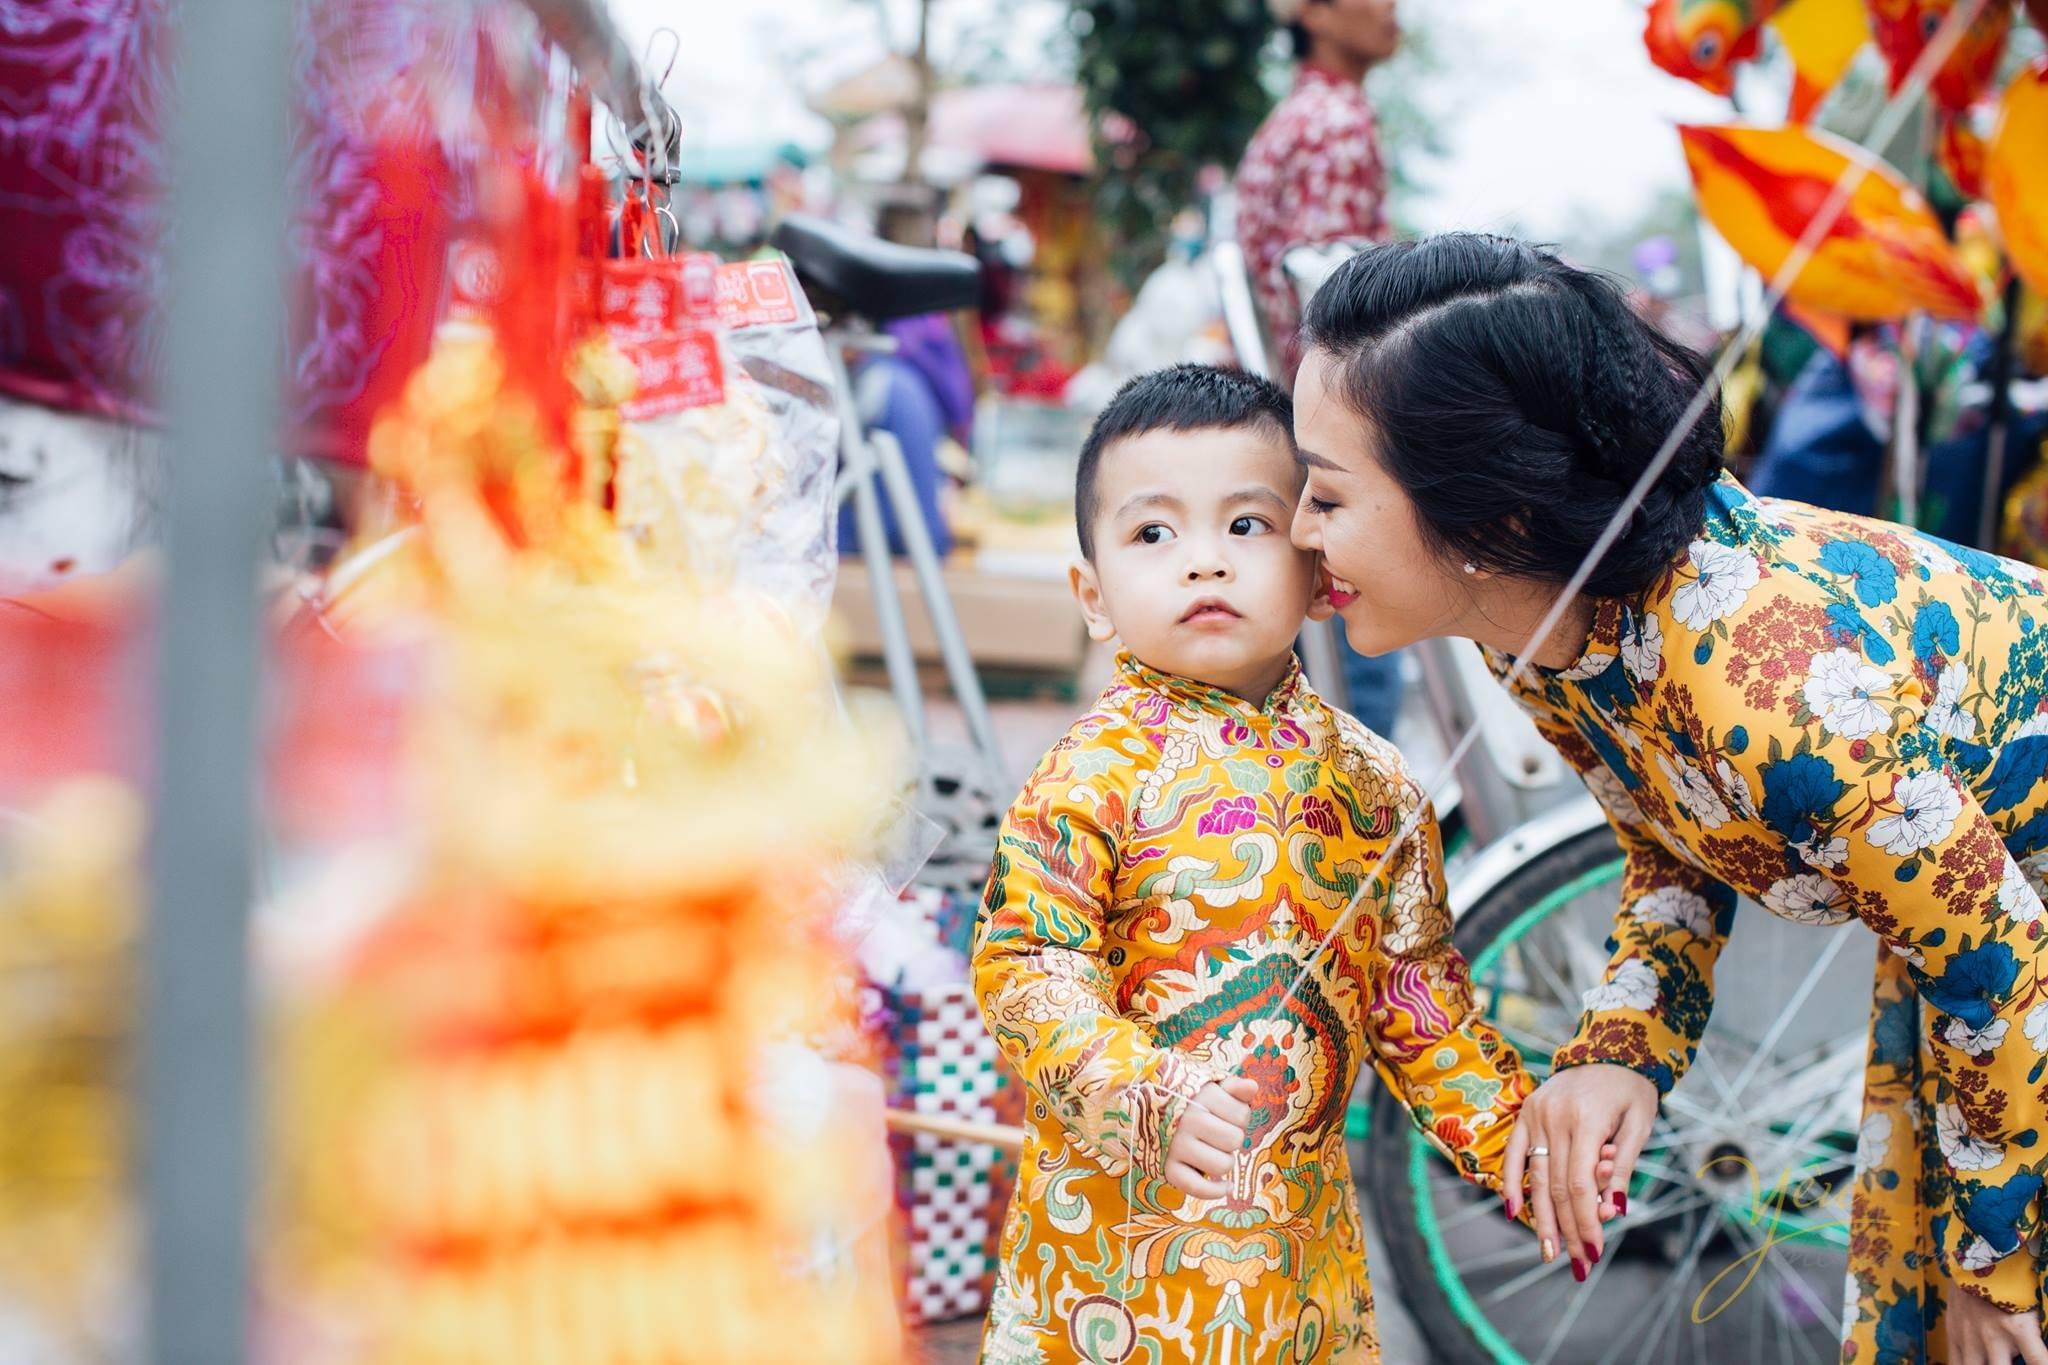 bé chụp ảnh áo dài tết với mẹ cạnh quầy bán lì xì, bóng bay